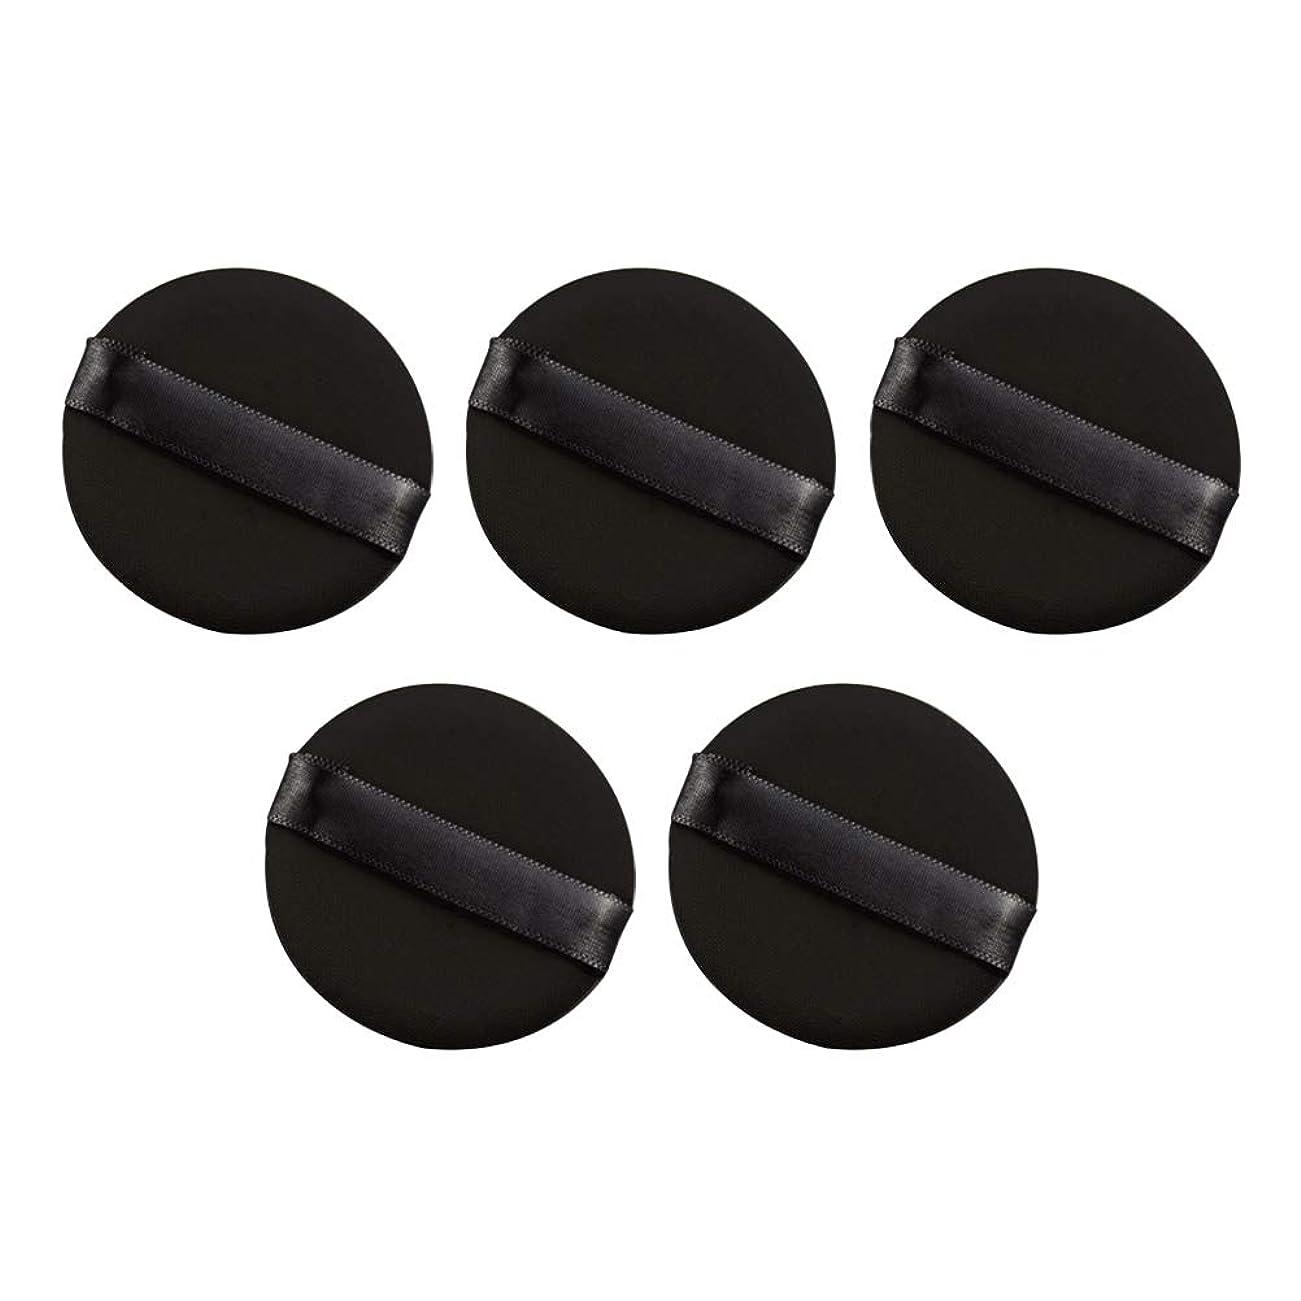 敬な冷ややかな姿勢Frcolor パウダーパフ エアクッション 化粧ツール ラテックスではない 弾力性 化粧品 旅行用 5個セット(ブラック)